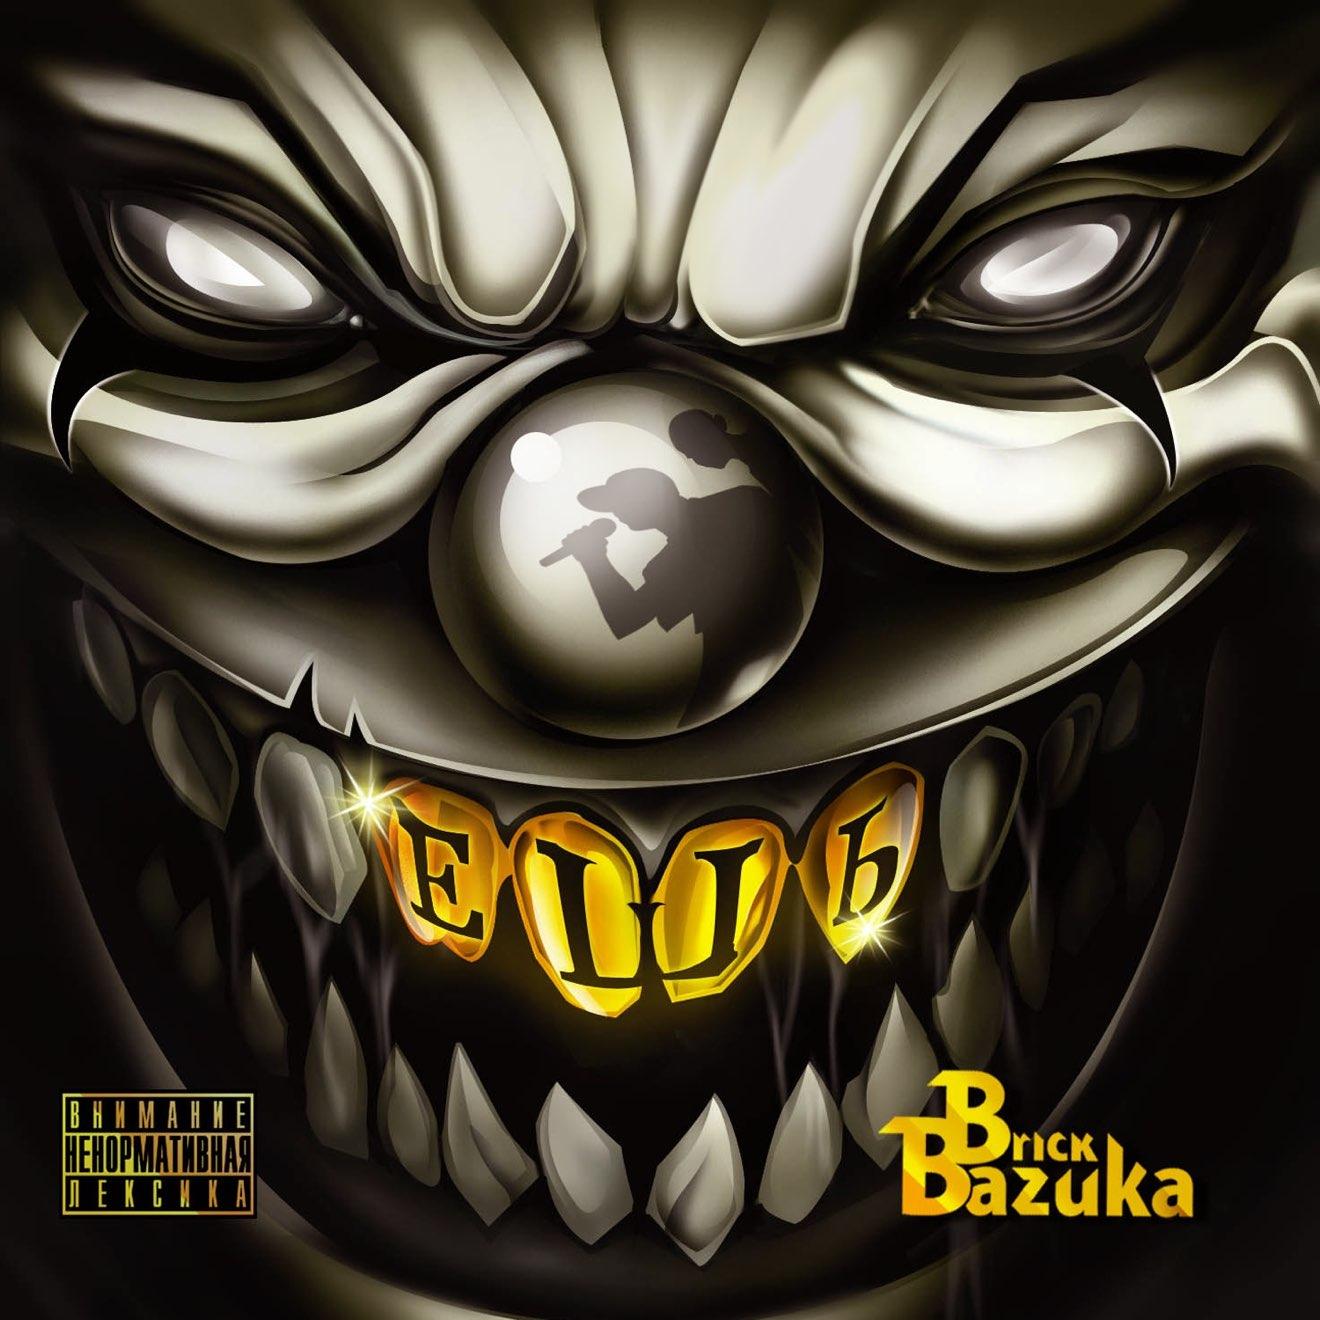 Brick Bazuka